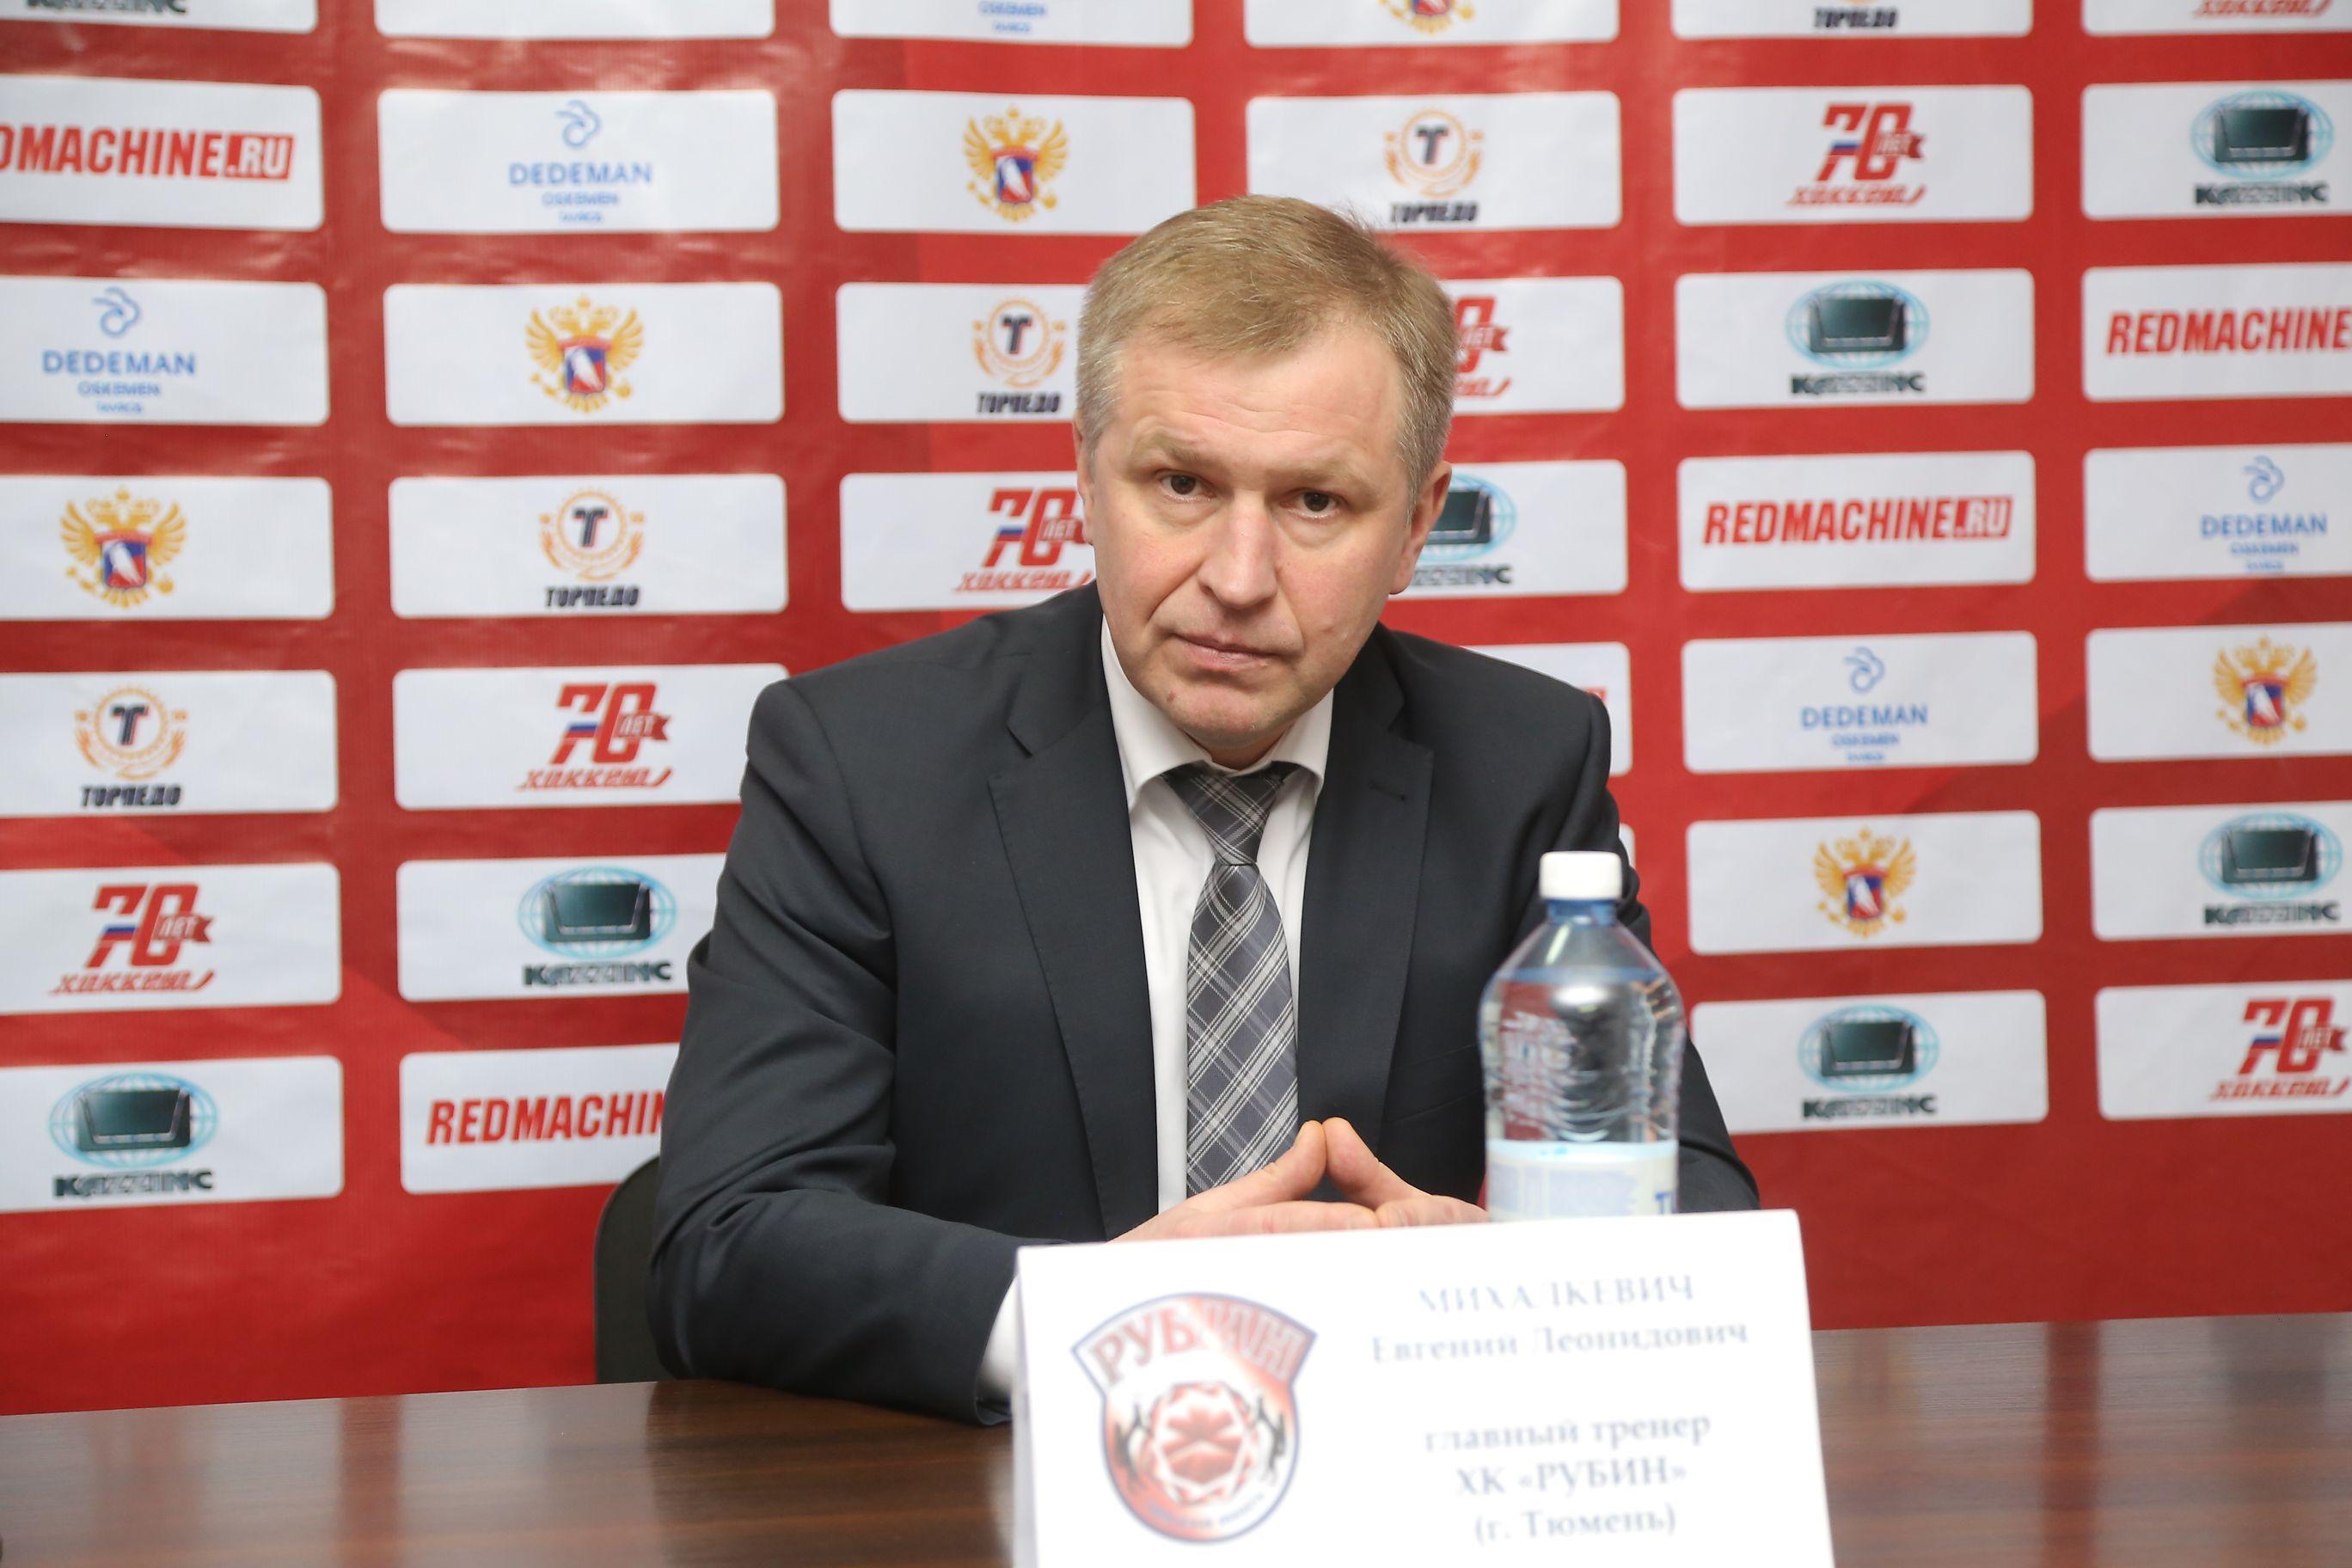 Усть-каменогорское «Торпедо» вышло вфинал плей-офф ВХЛ